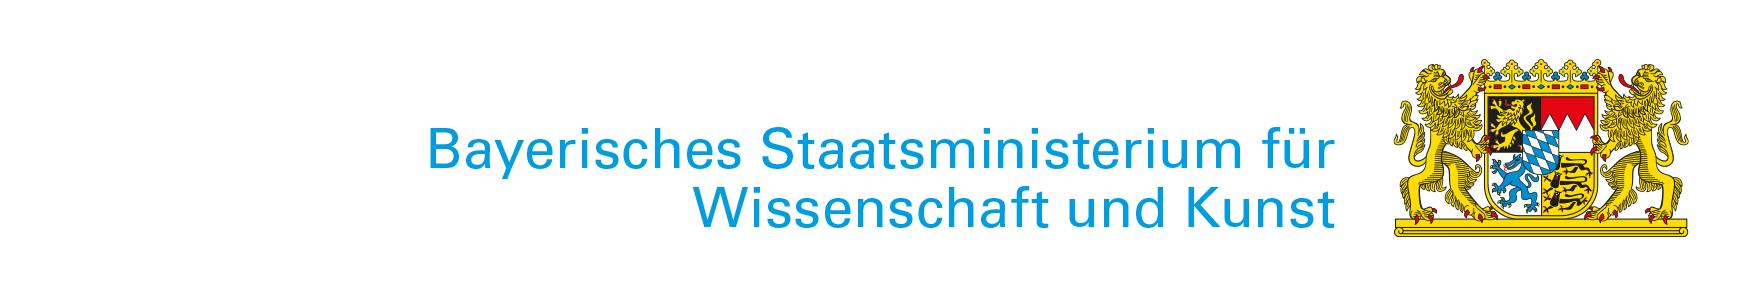 Bayerisches Staatsministerium für Wissenschaft und Kunst